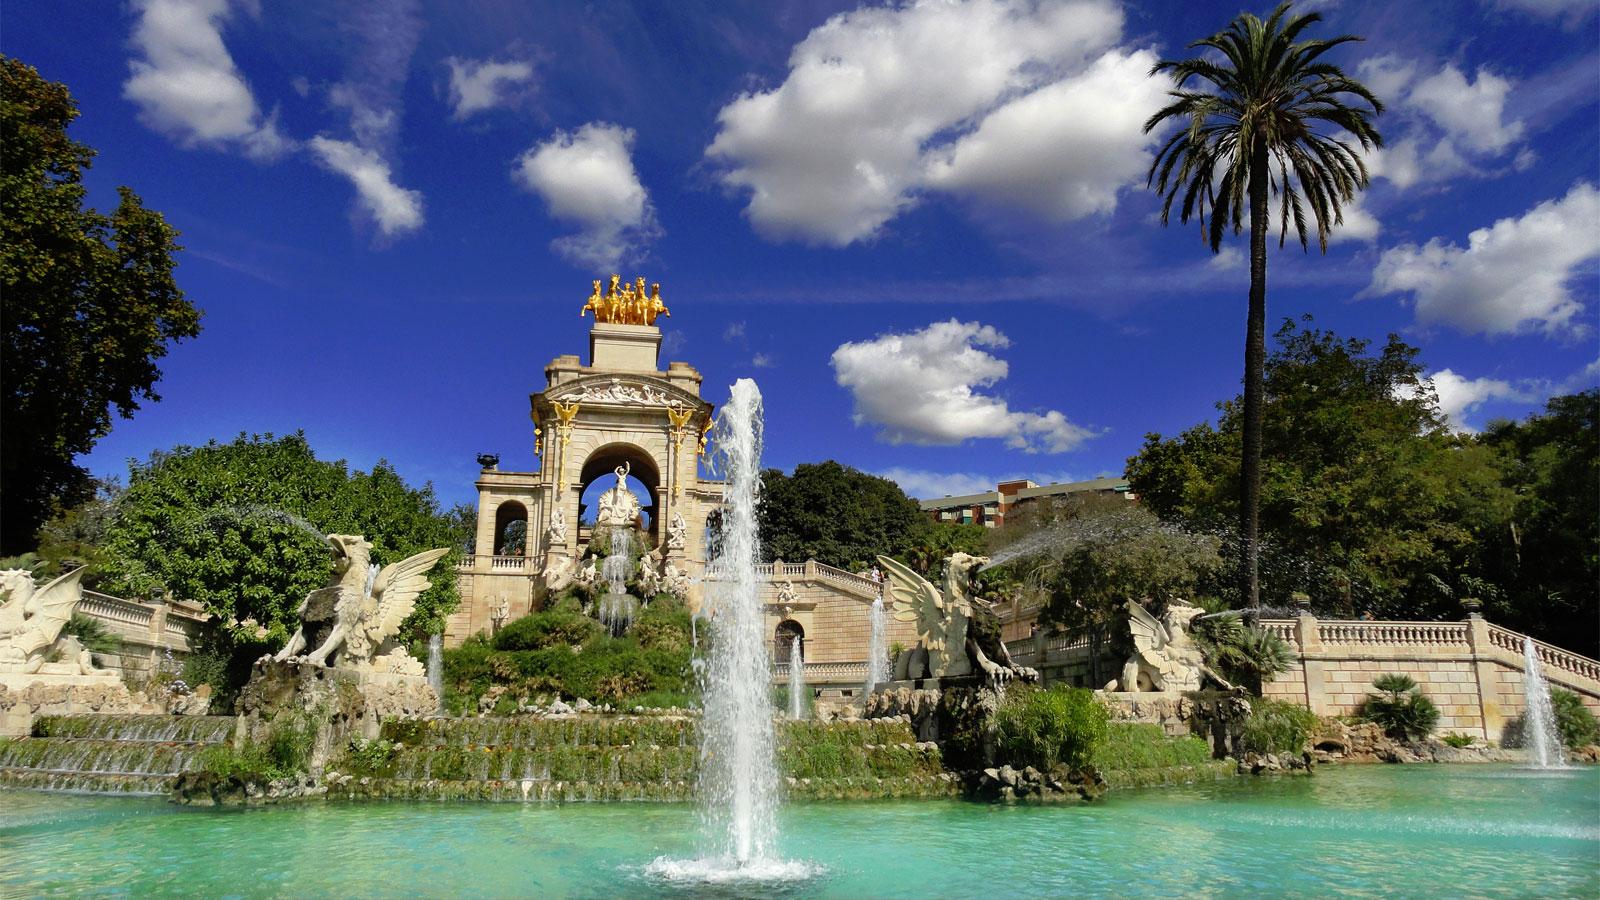 фонтан Большой Каскад в парке Цитадель